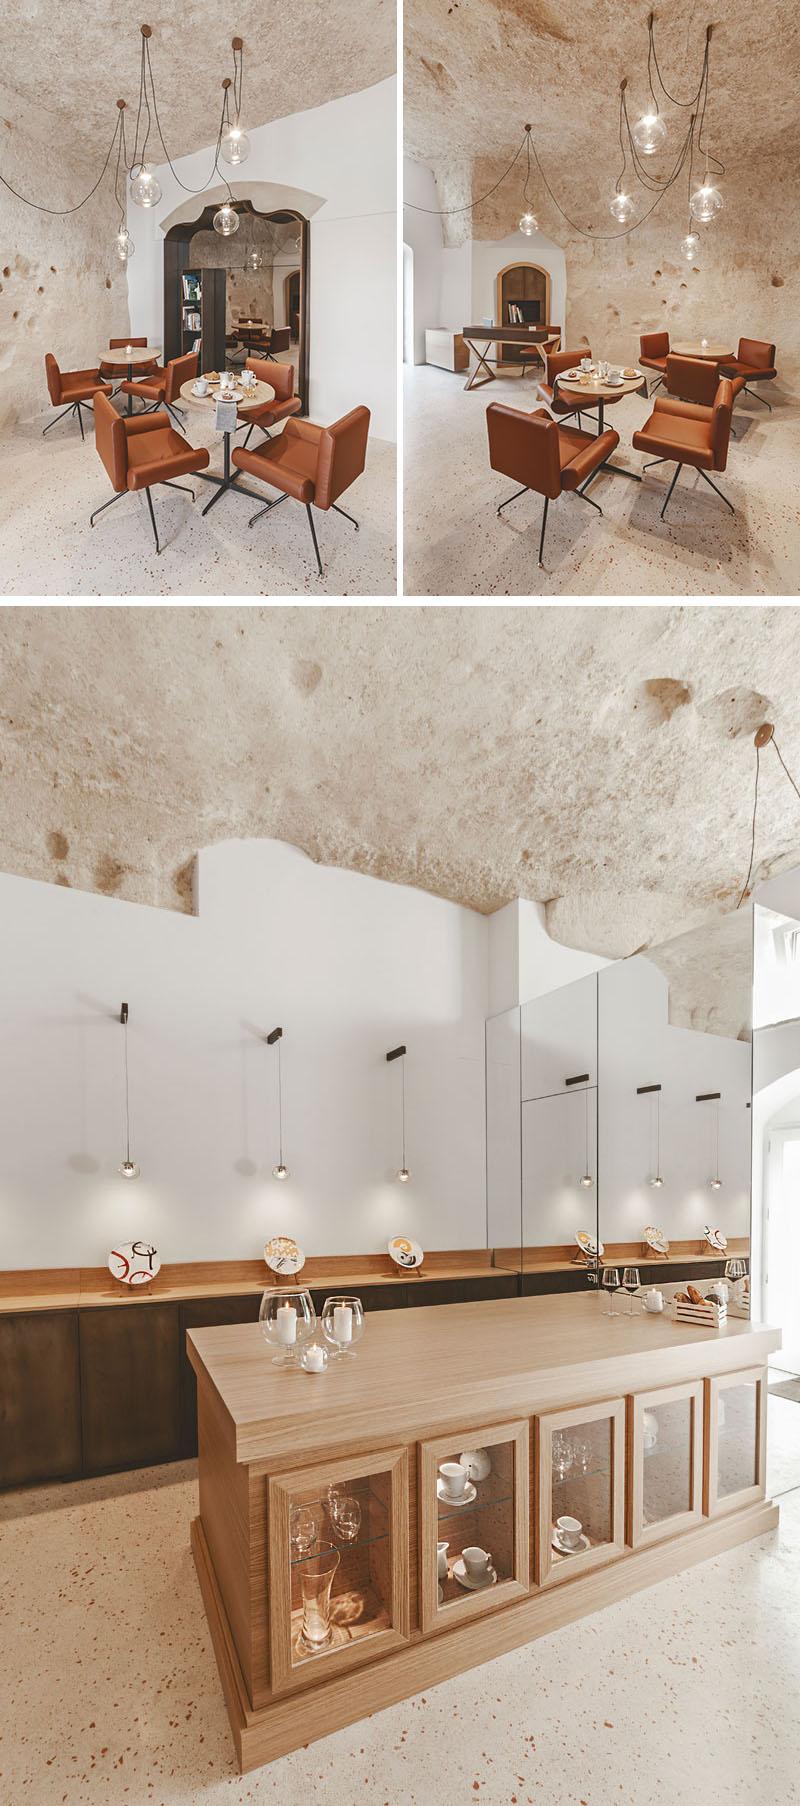 interior-sachetava-moderno-izlachvane-s-istoricheskite-detaili-3g